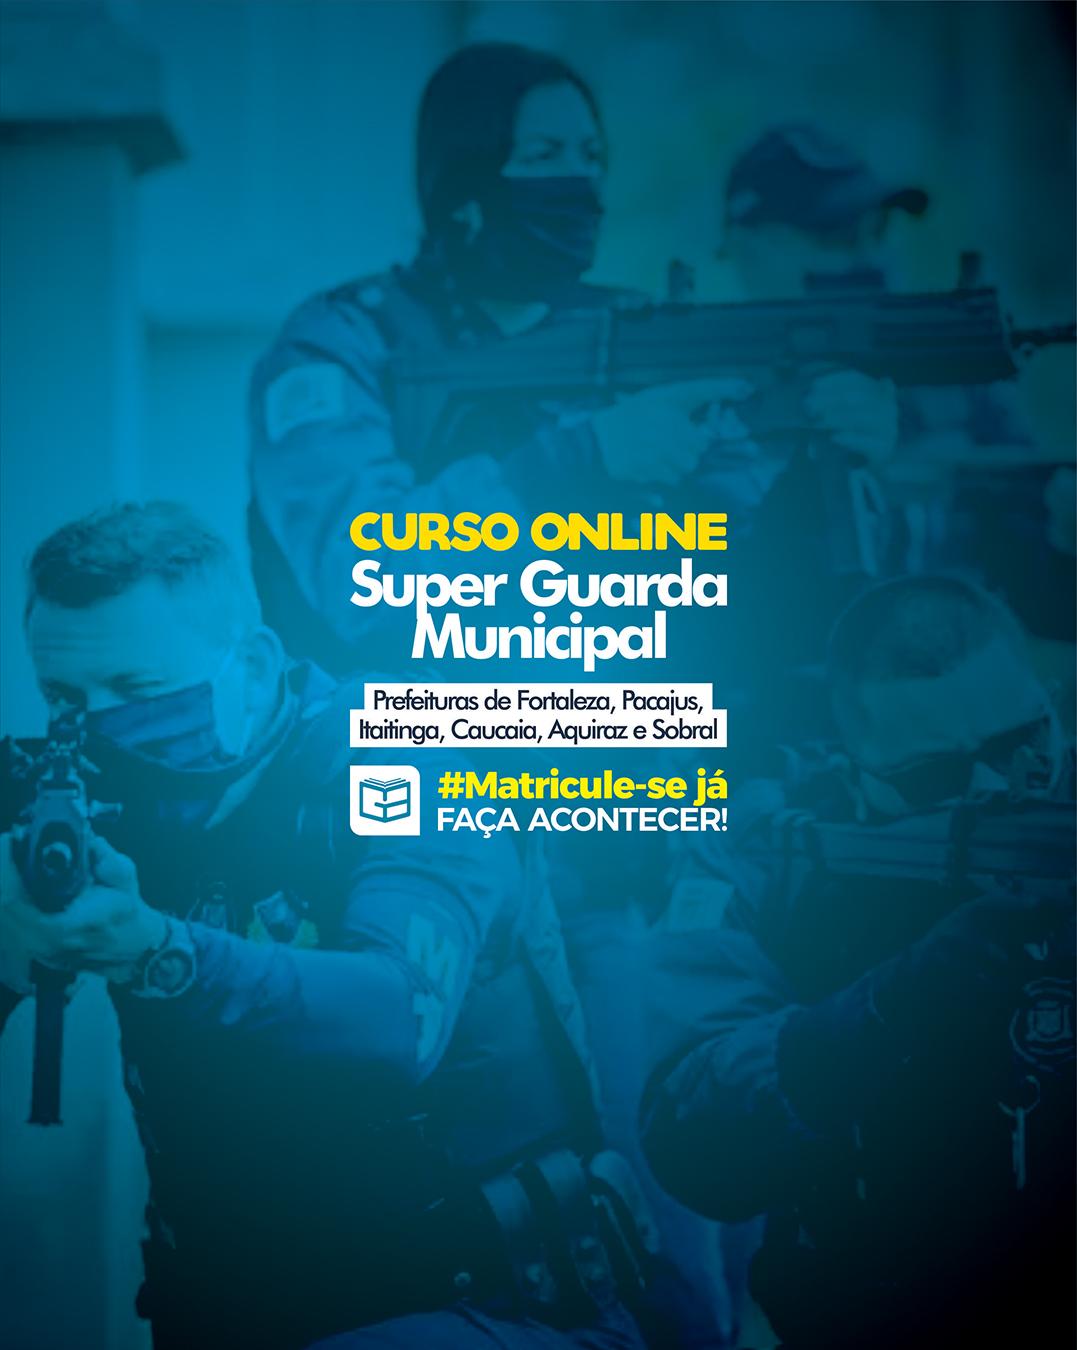 CURSO SUPER GUARDA MUNICIPAL